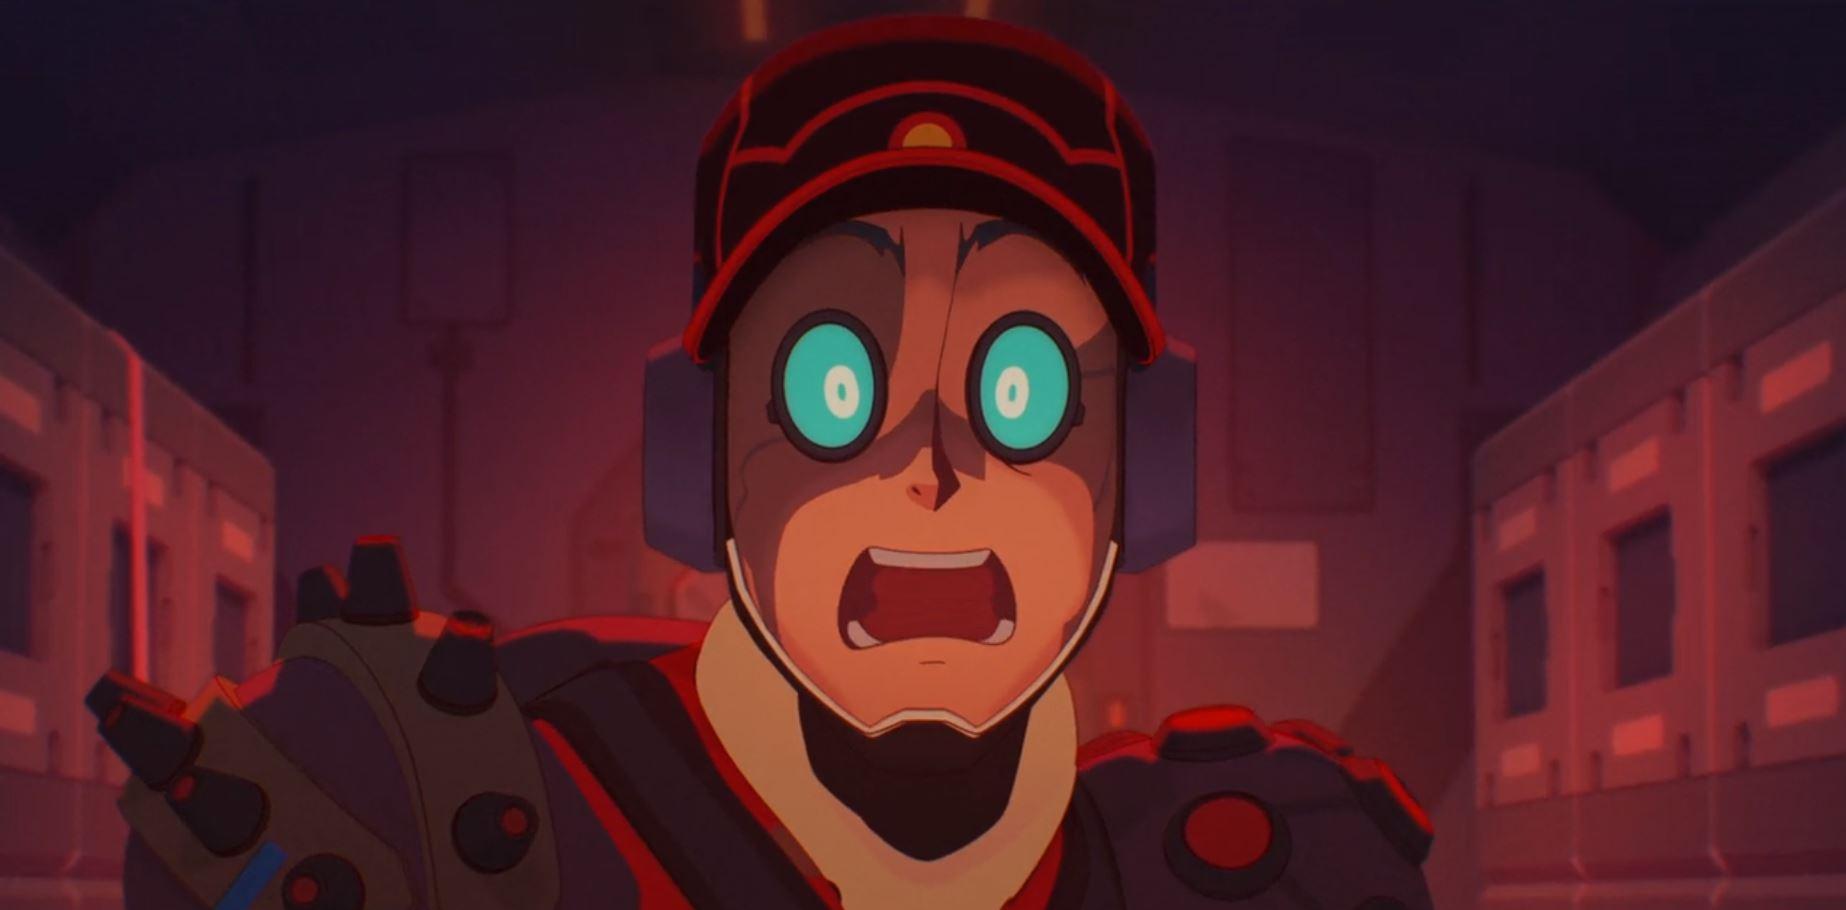 A Show To Go: Рецензия на Love, Death & Robots от Netflix